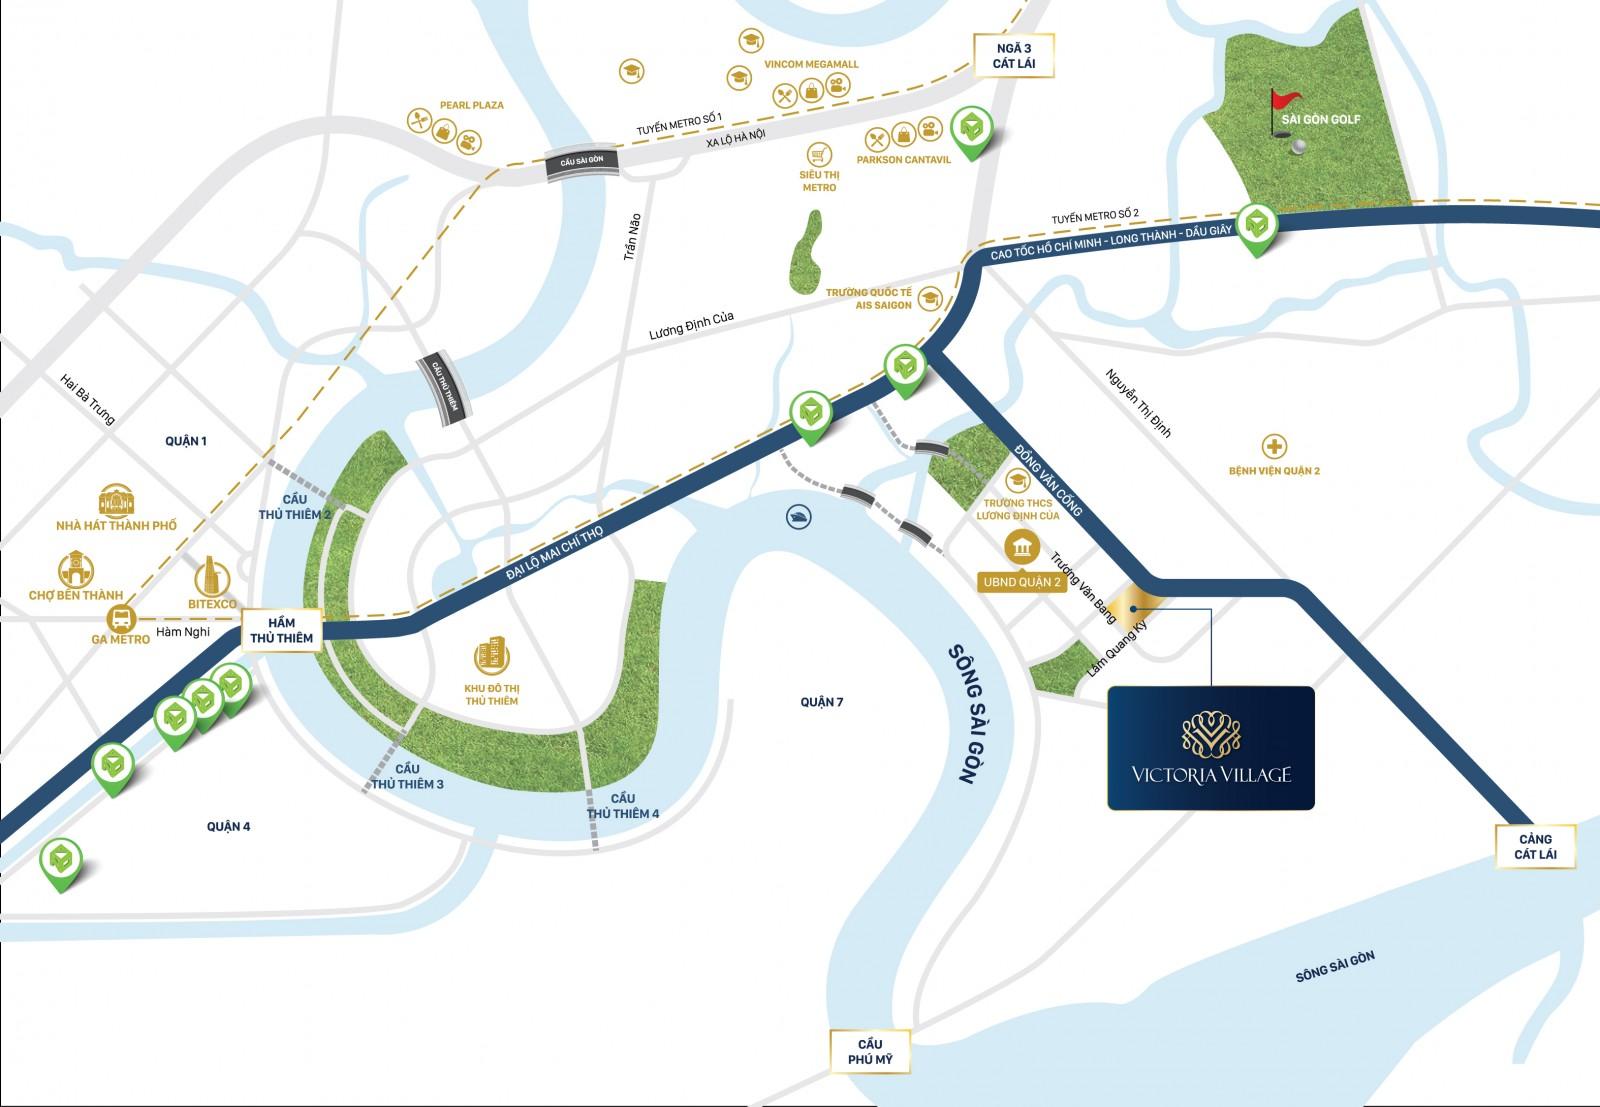 Vị trí Victoria Village sở hữu nhiều ưu thế kết nối giao thông